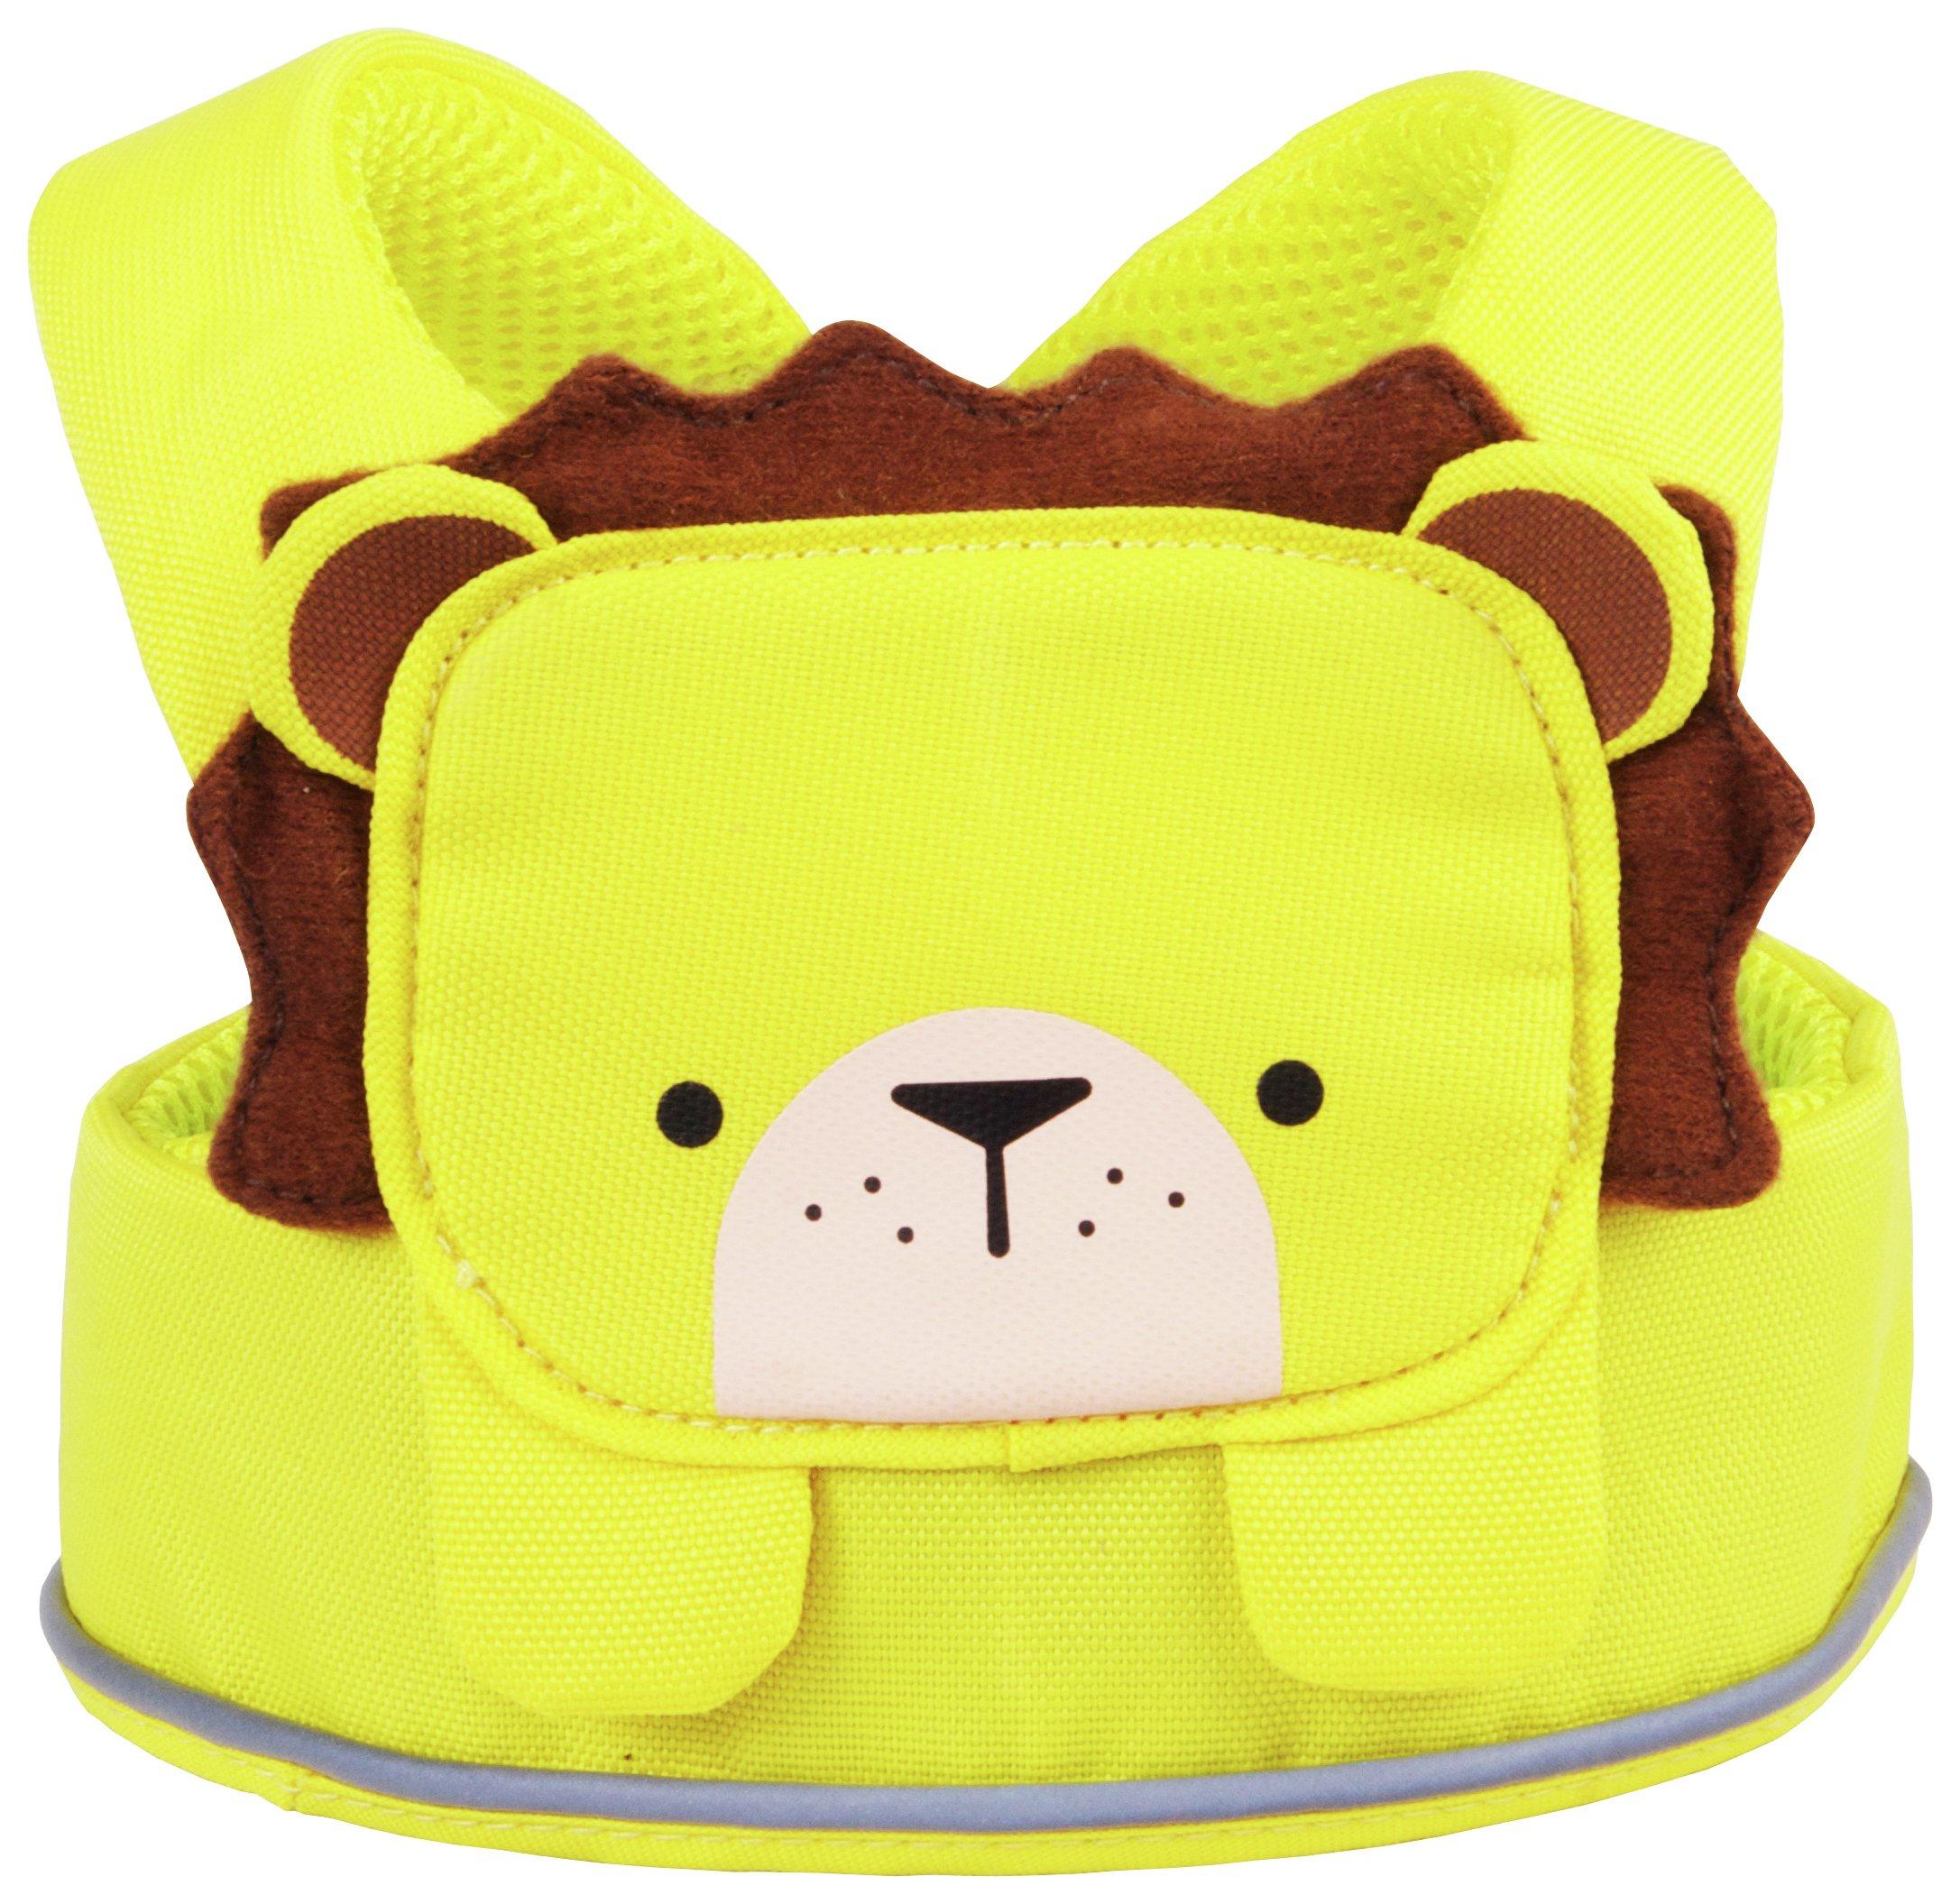 Trunki Toddlepak Reins - Yellow Lion.